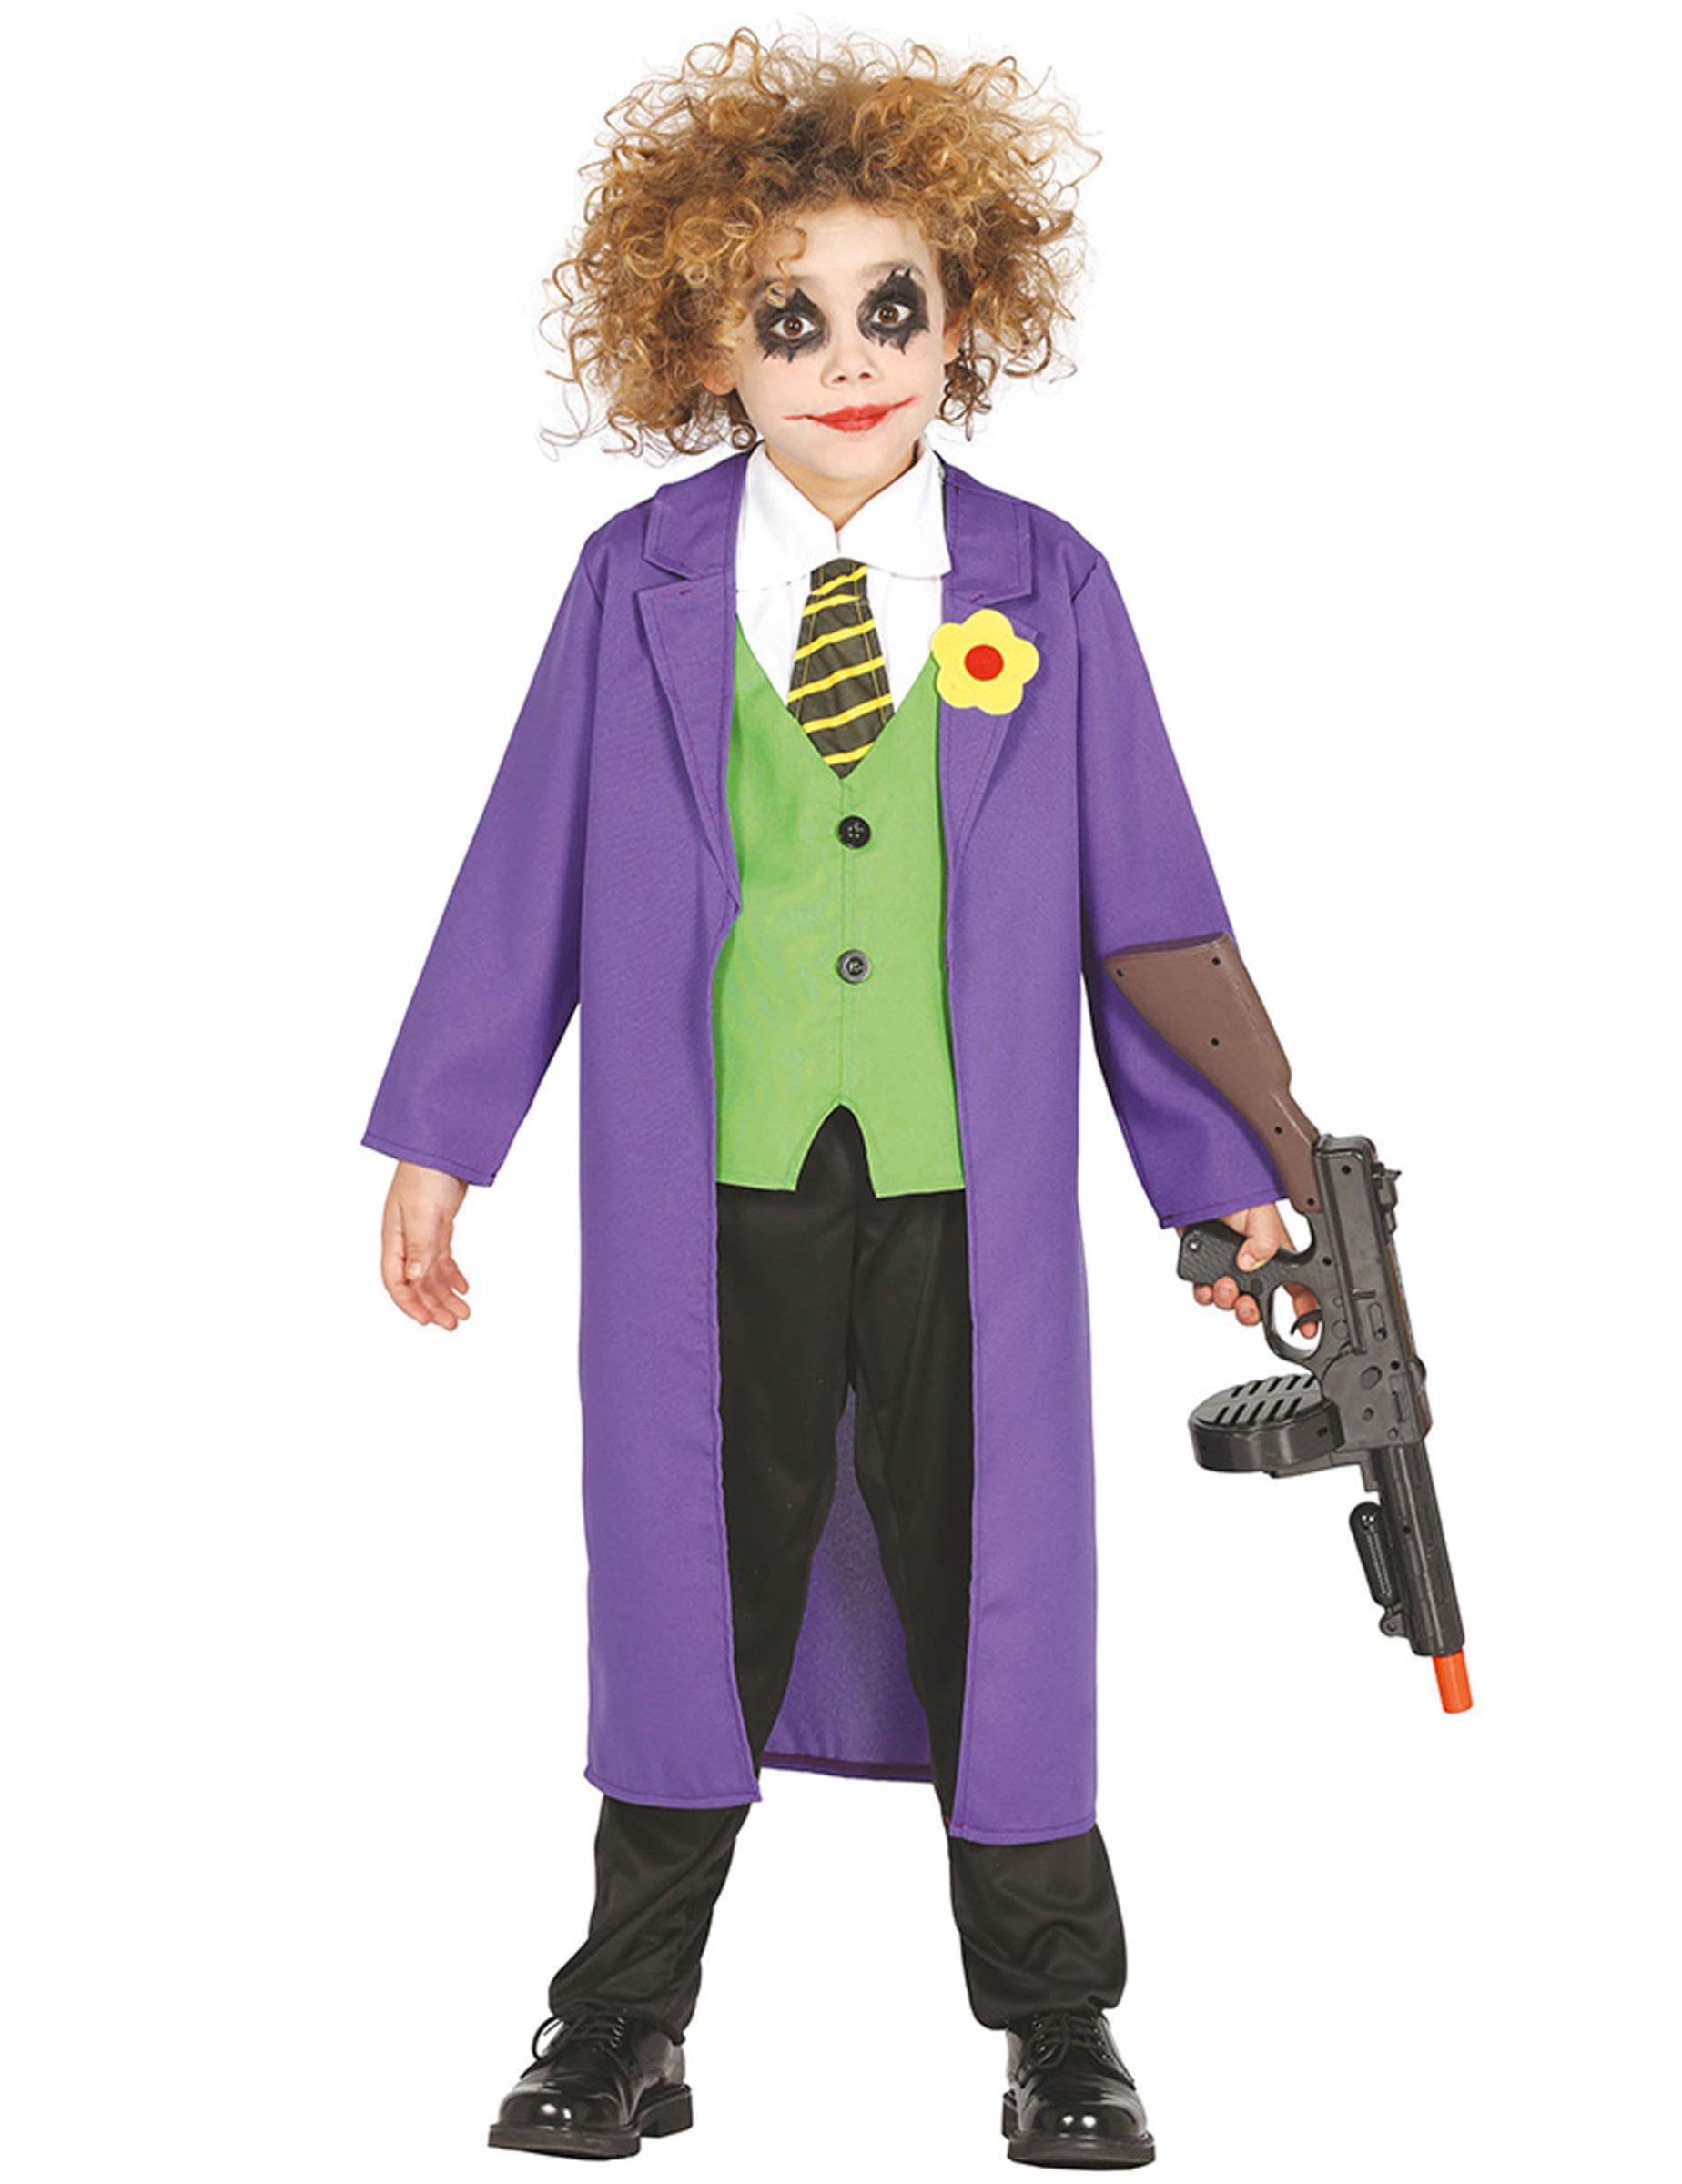 Hedendaags Disfarce palhaço joker criança: Disfarces Crianças,mascarilhas e WV-13